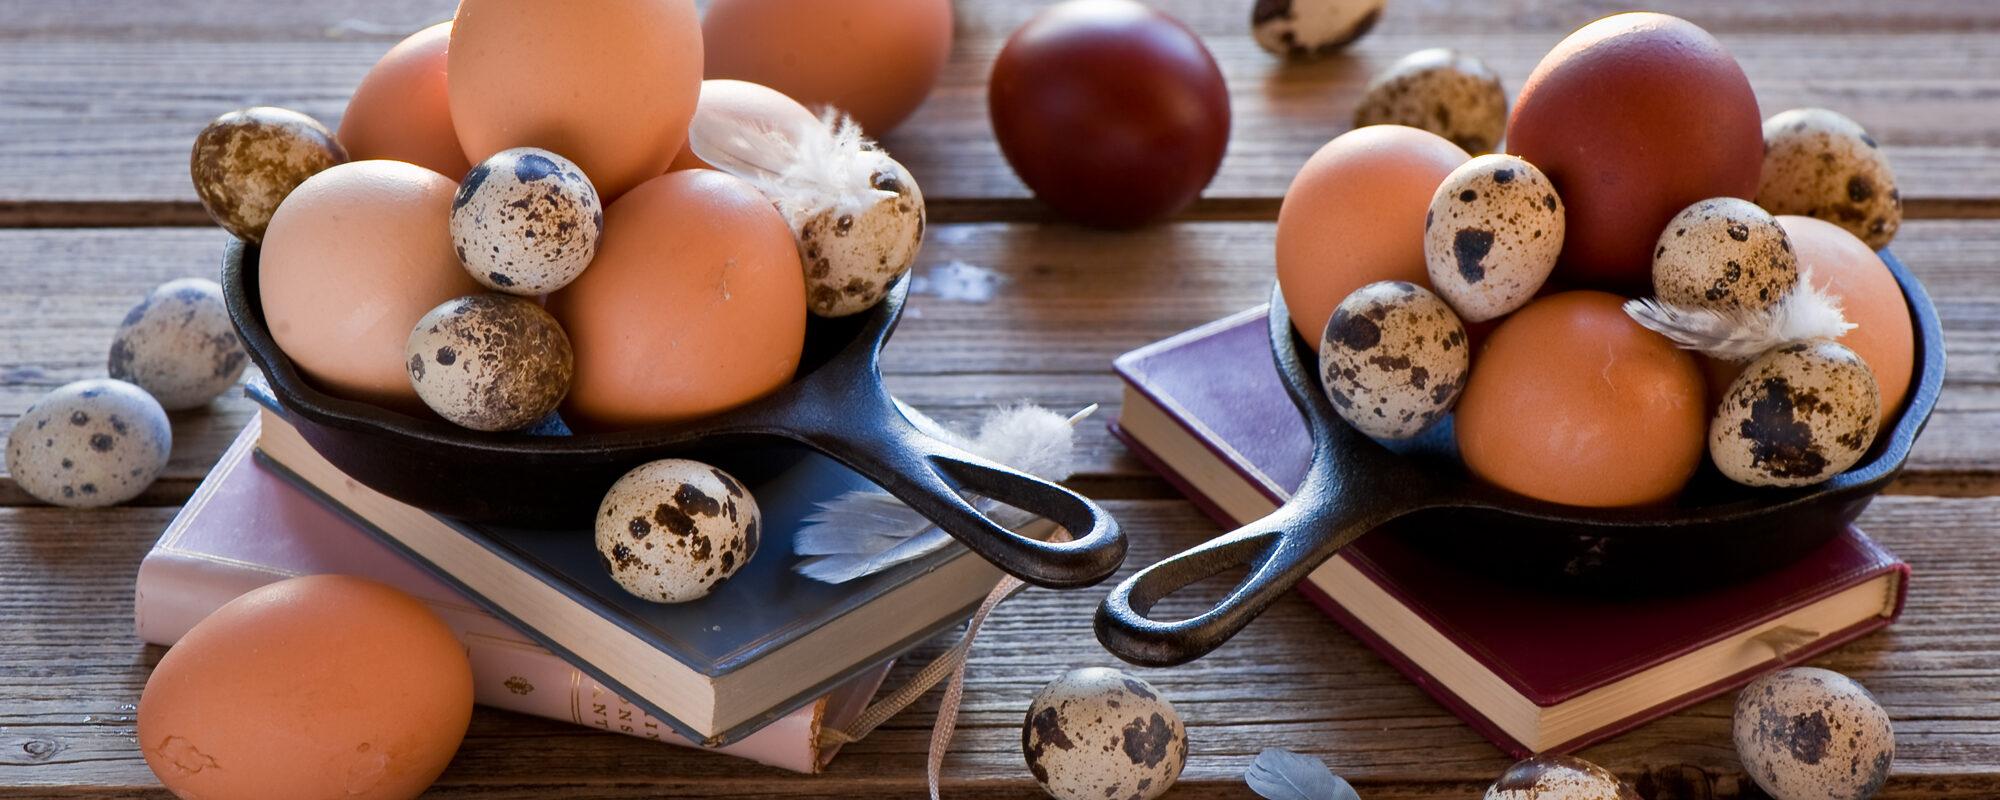 Едят ли веганы яйца? Существует ли альтернатива обычным яйцам?